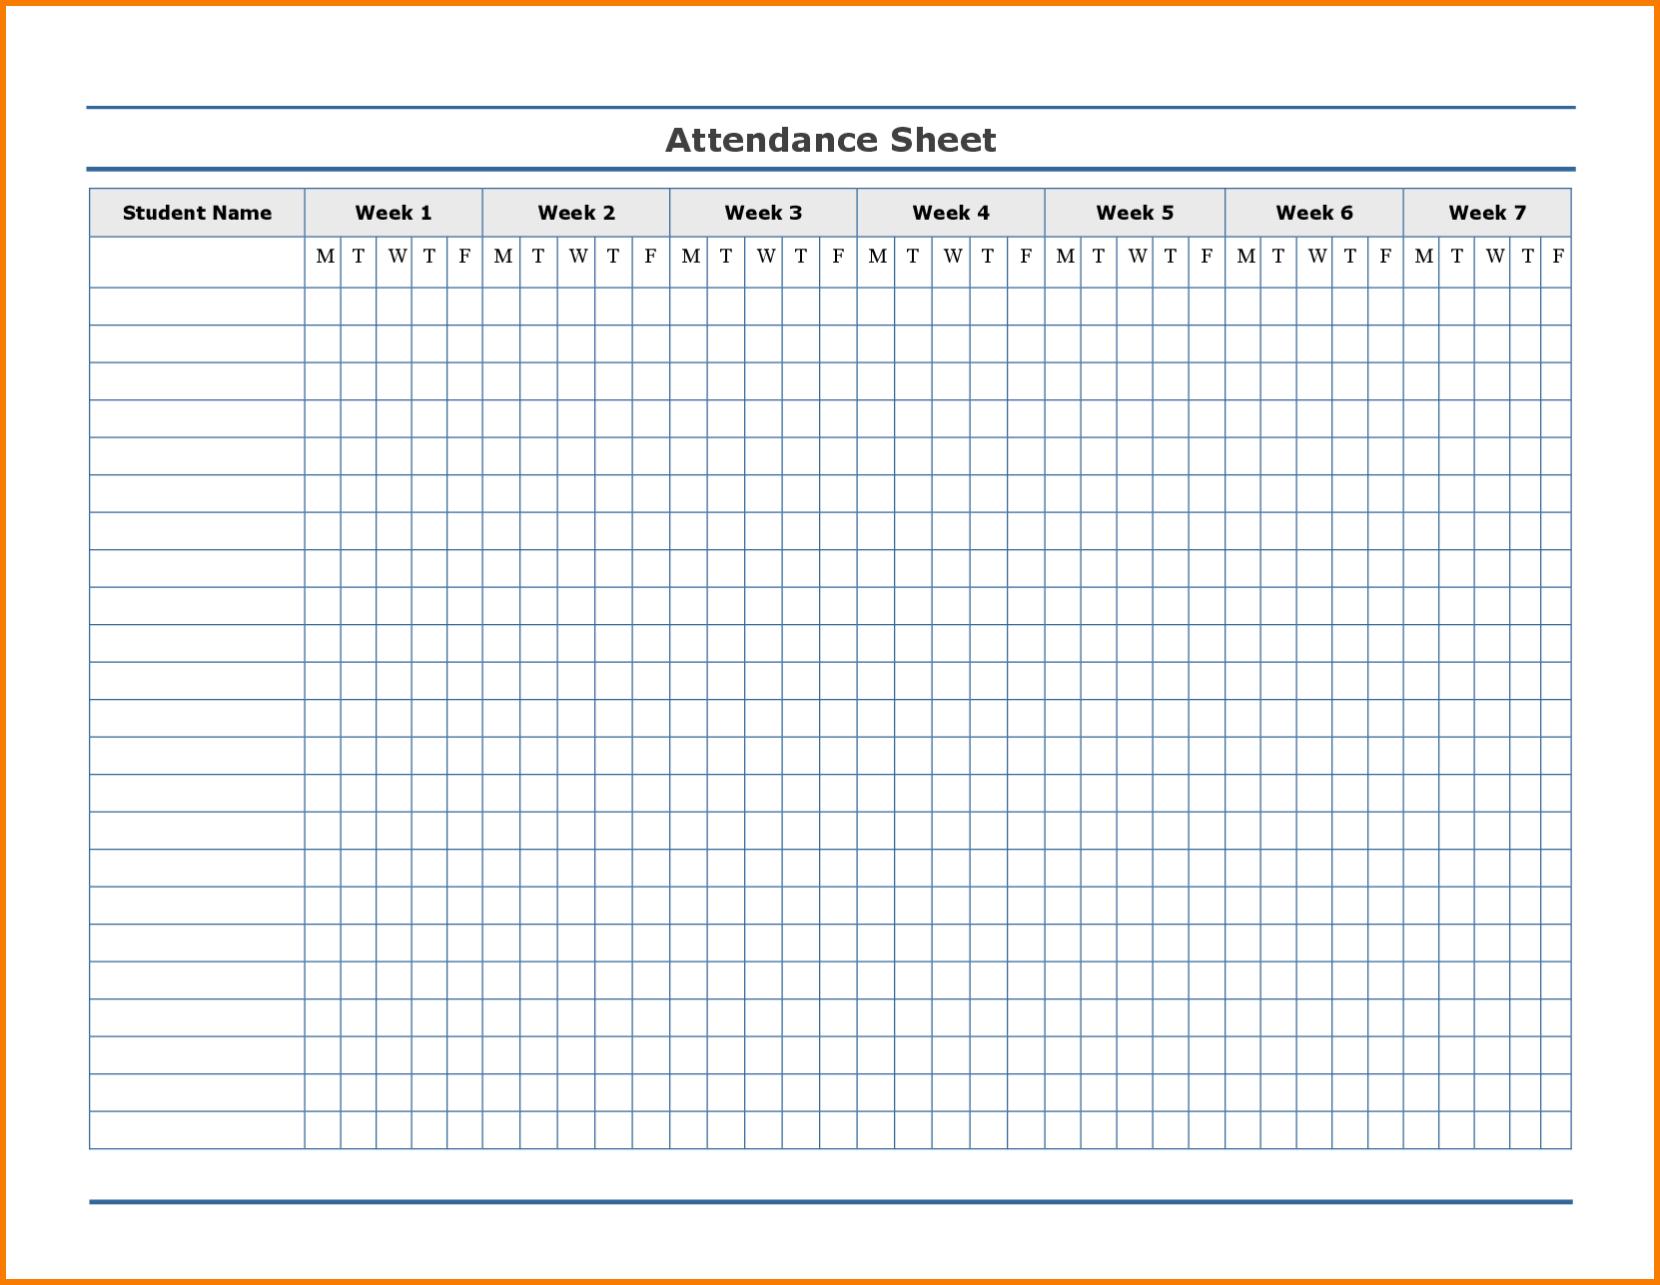 Employee Attendance Excel Sheet | Employee Attendance Sheet